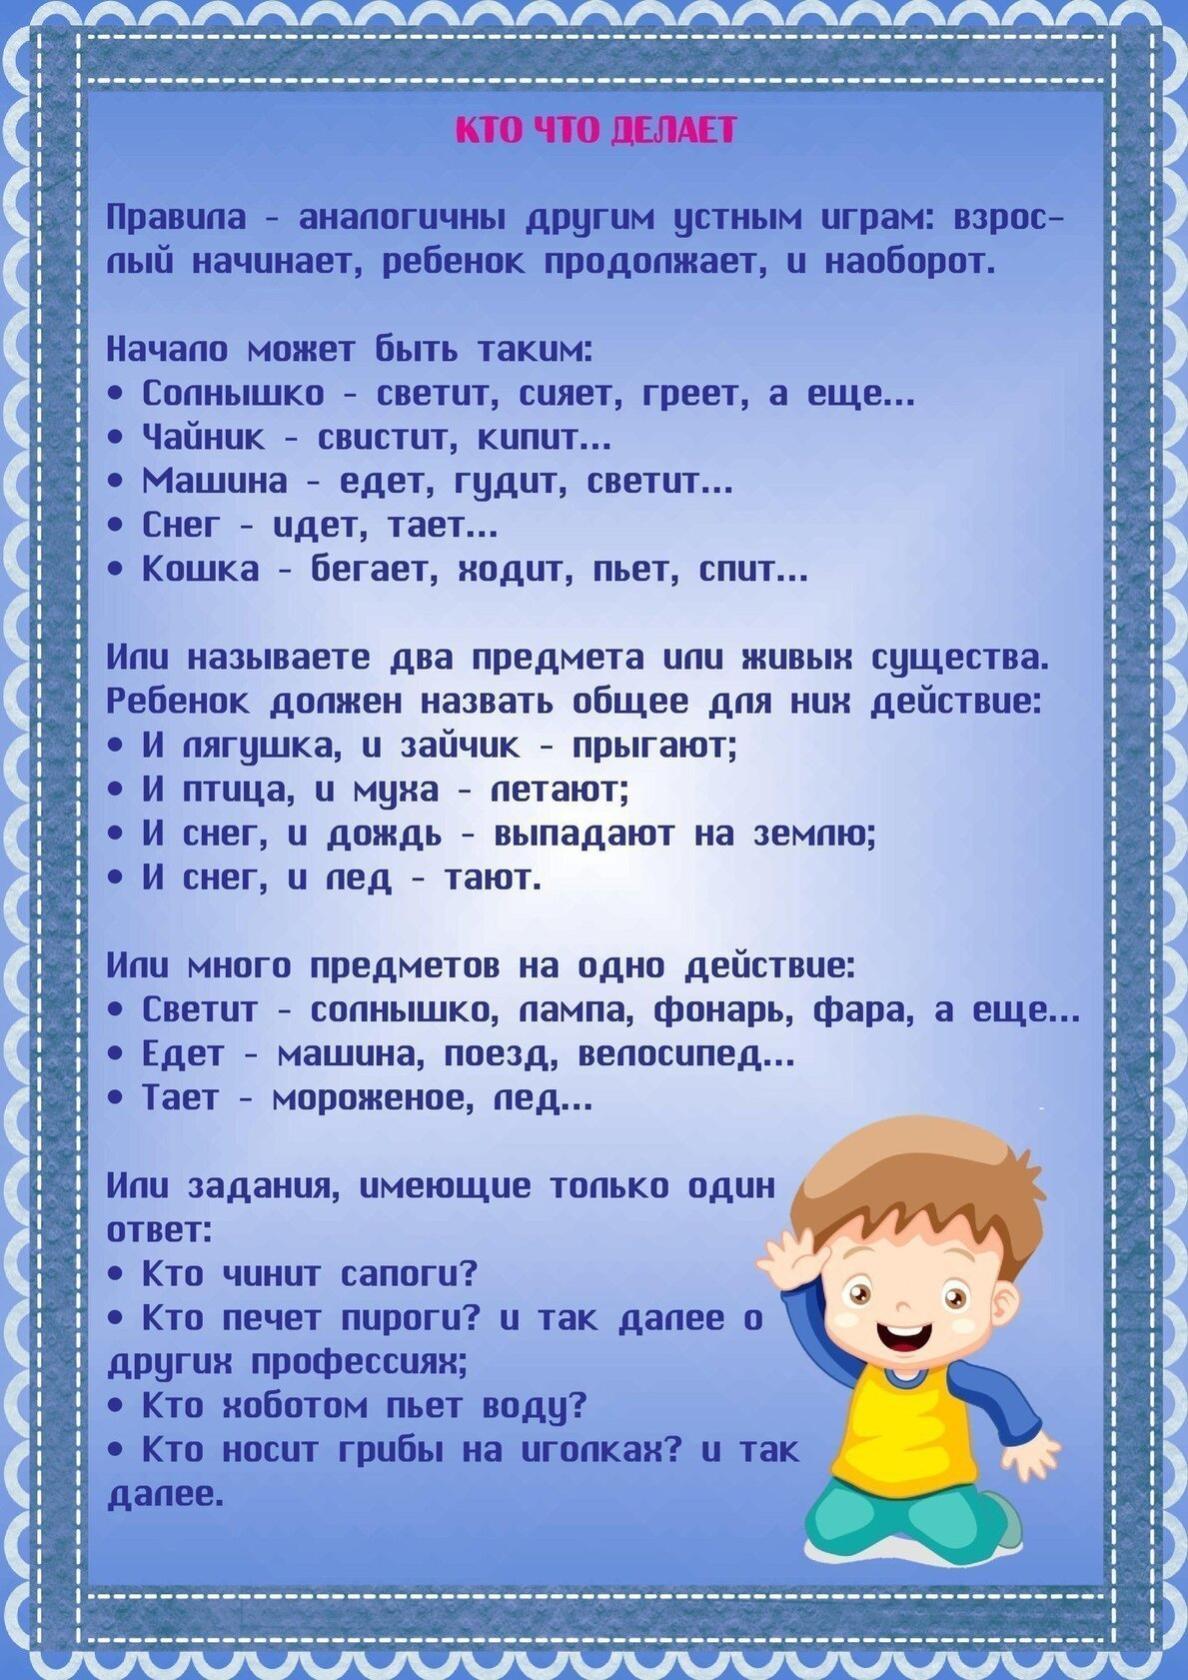 болгарский словесные игры для малышей в картинках профессионализм